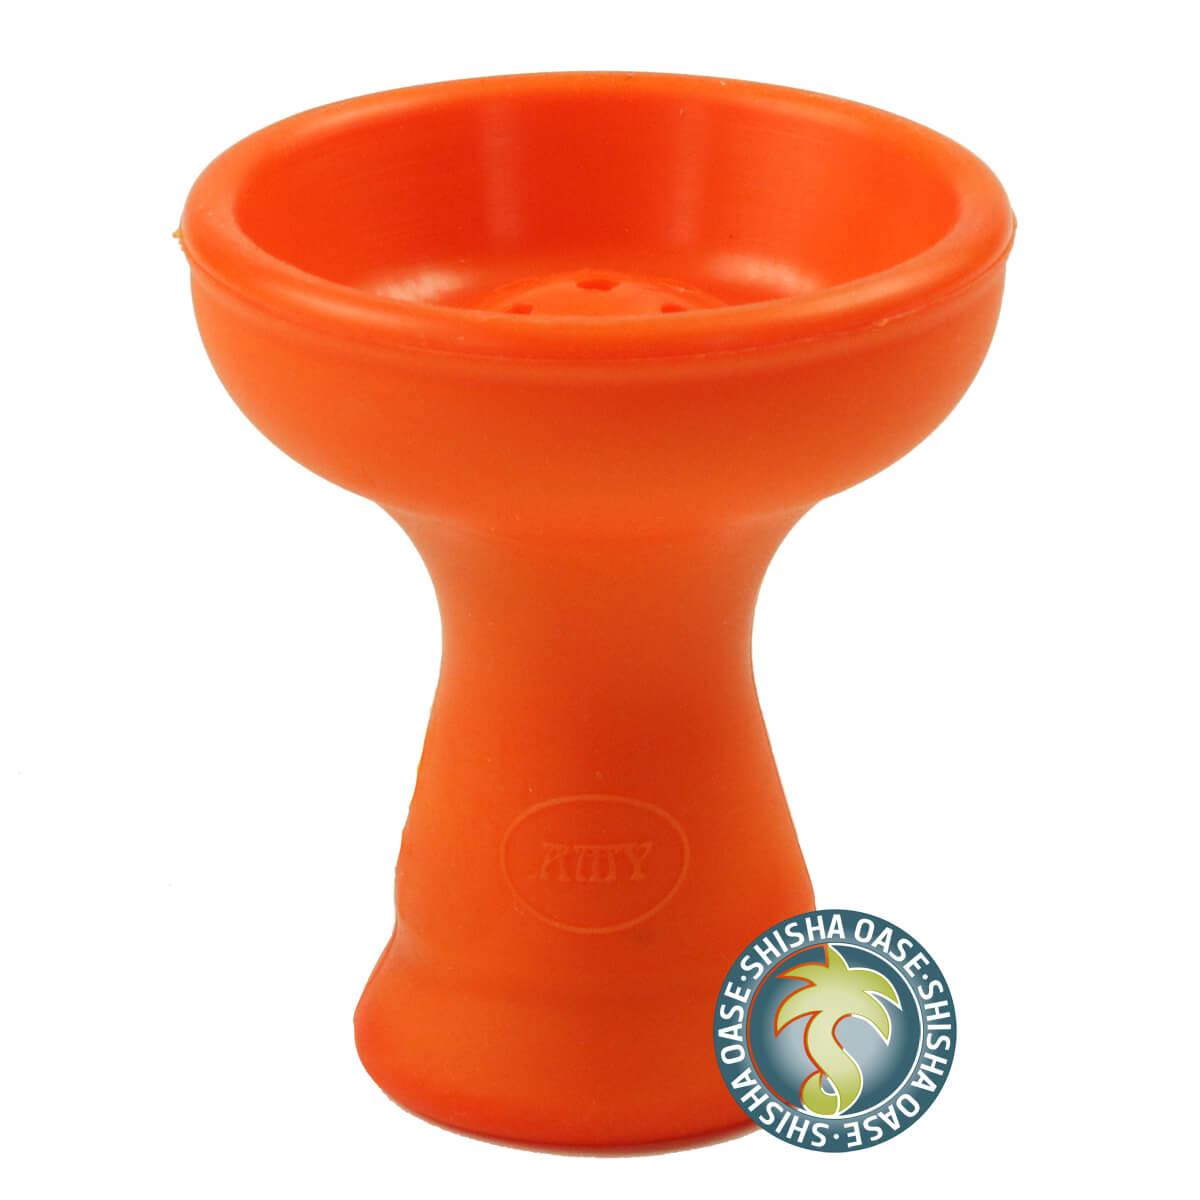 Amy Hot Screen Big XL - Silikontabakkopf (orange)